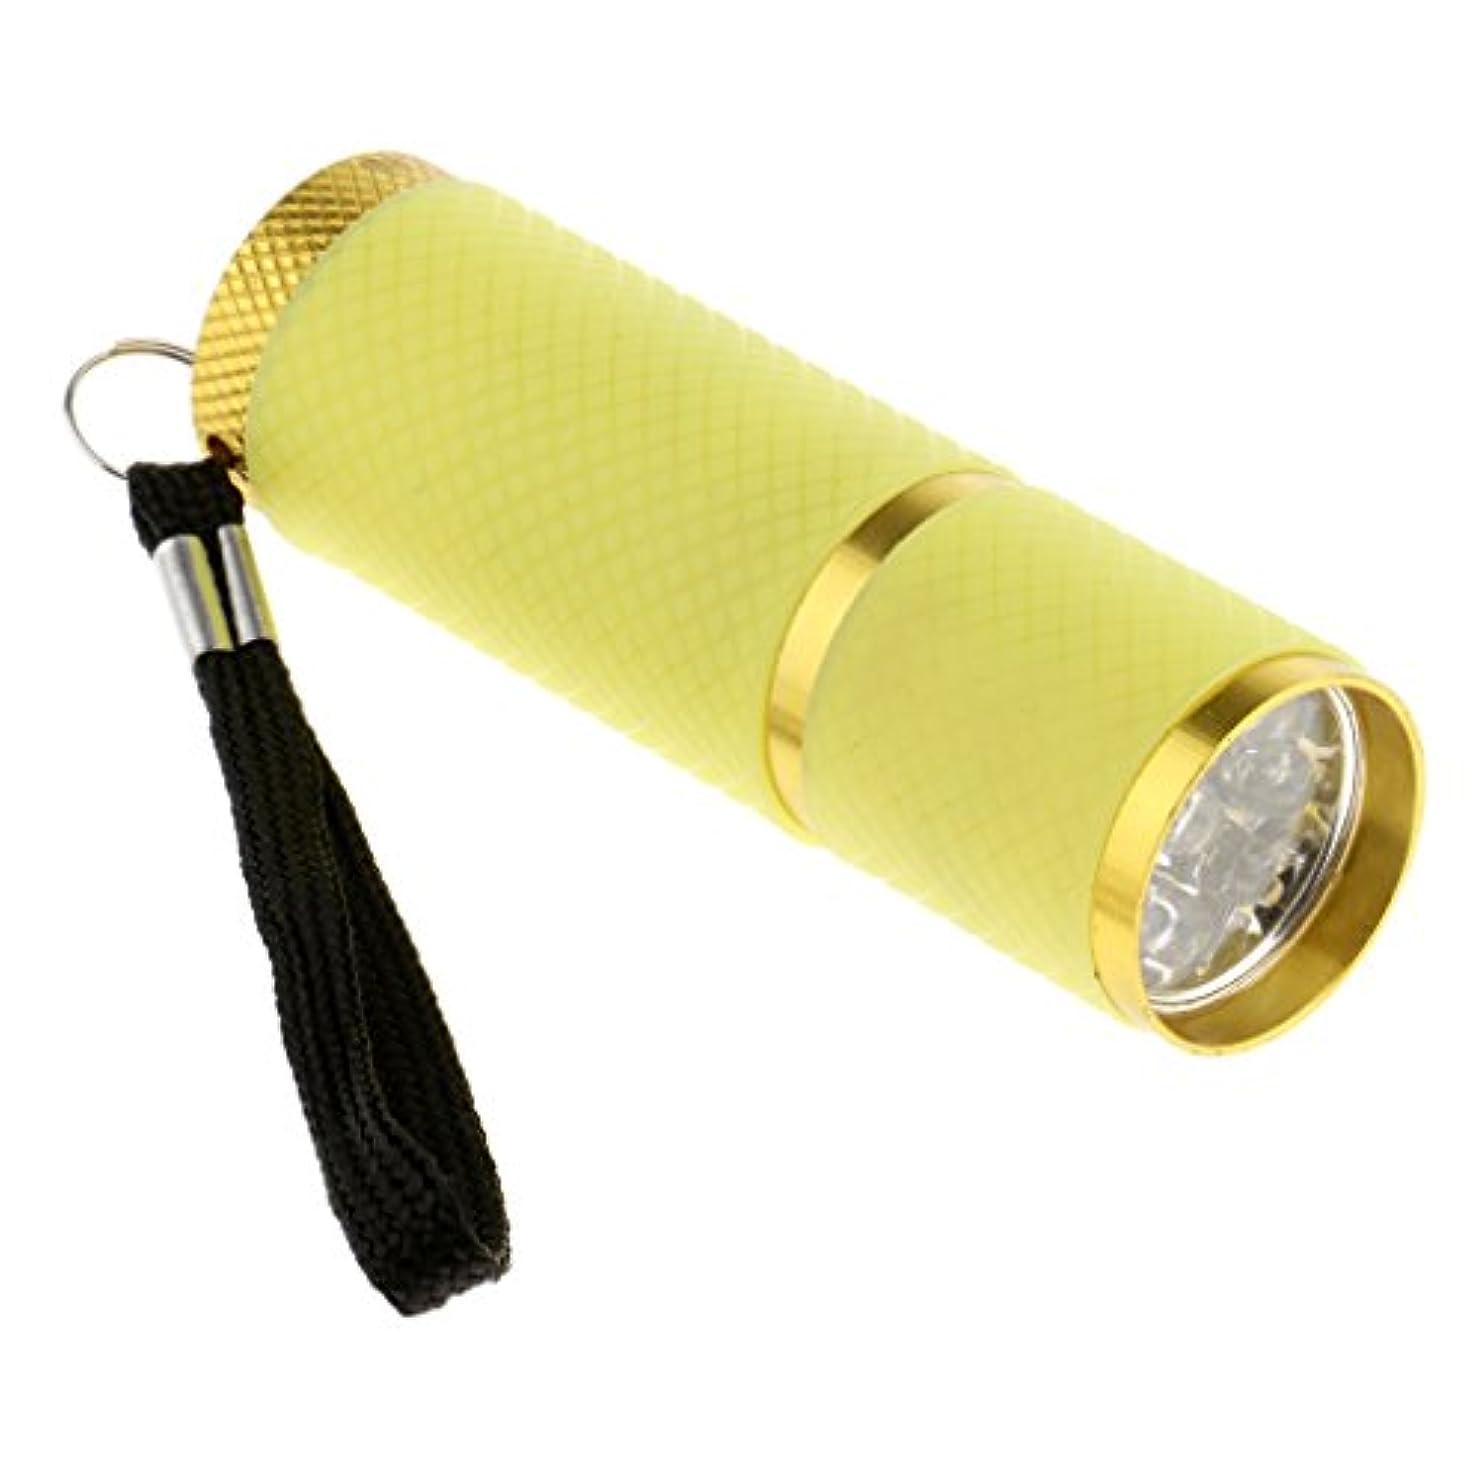 のメトロポリタンプールHomyl ネイルドライヤー ミニ 9 LED  4.5V  ドライヤー 手と足 両方に使用 UV プロ ネイルサロン 家庭用 4色選べ - 黄